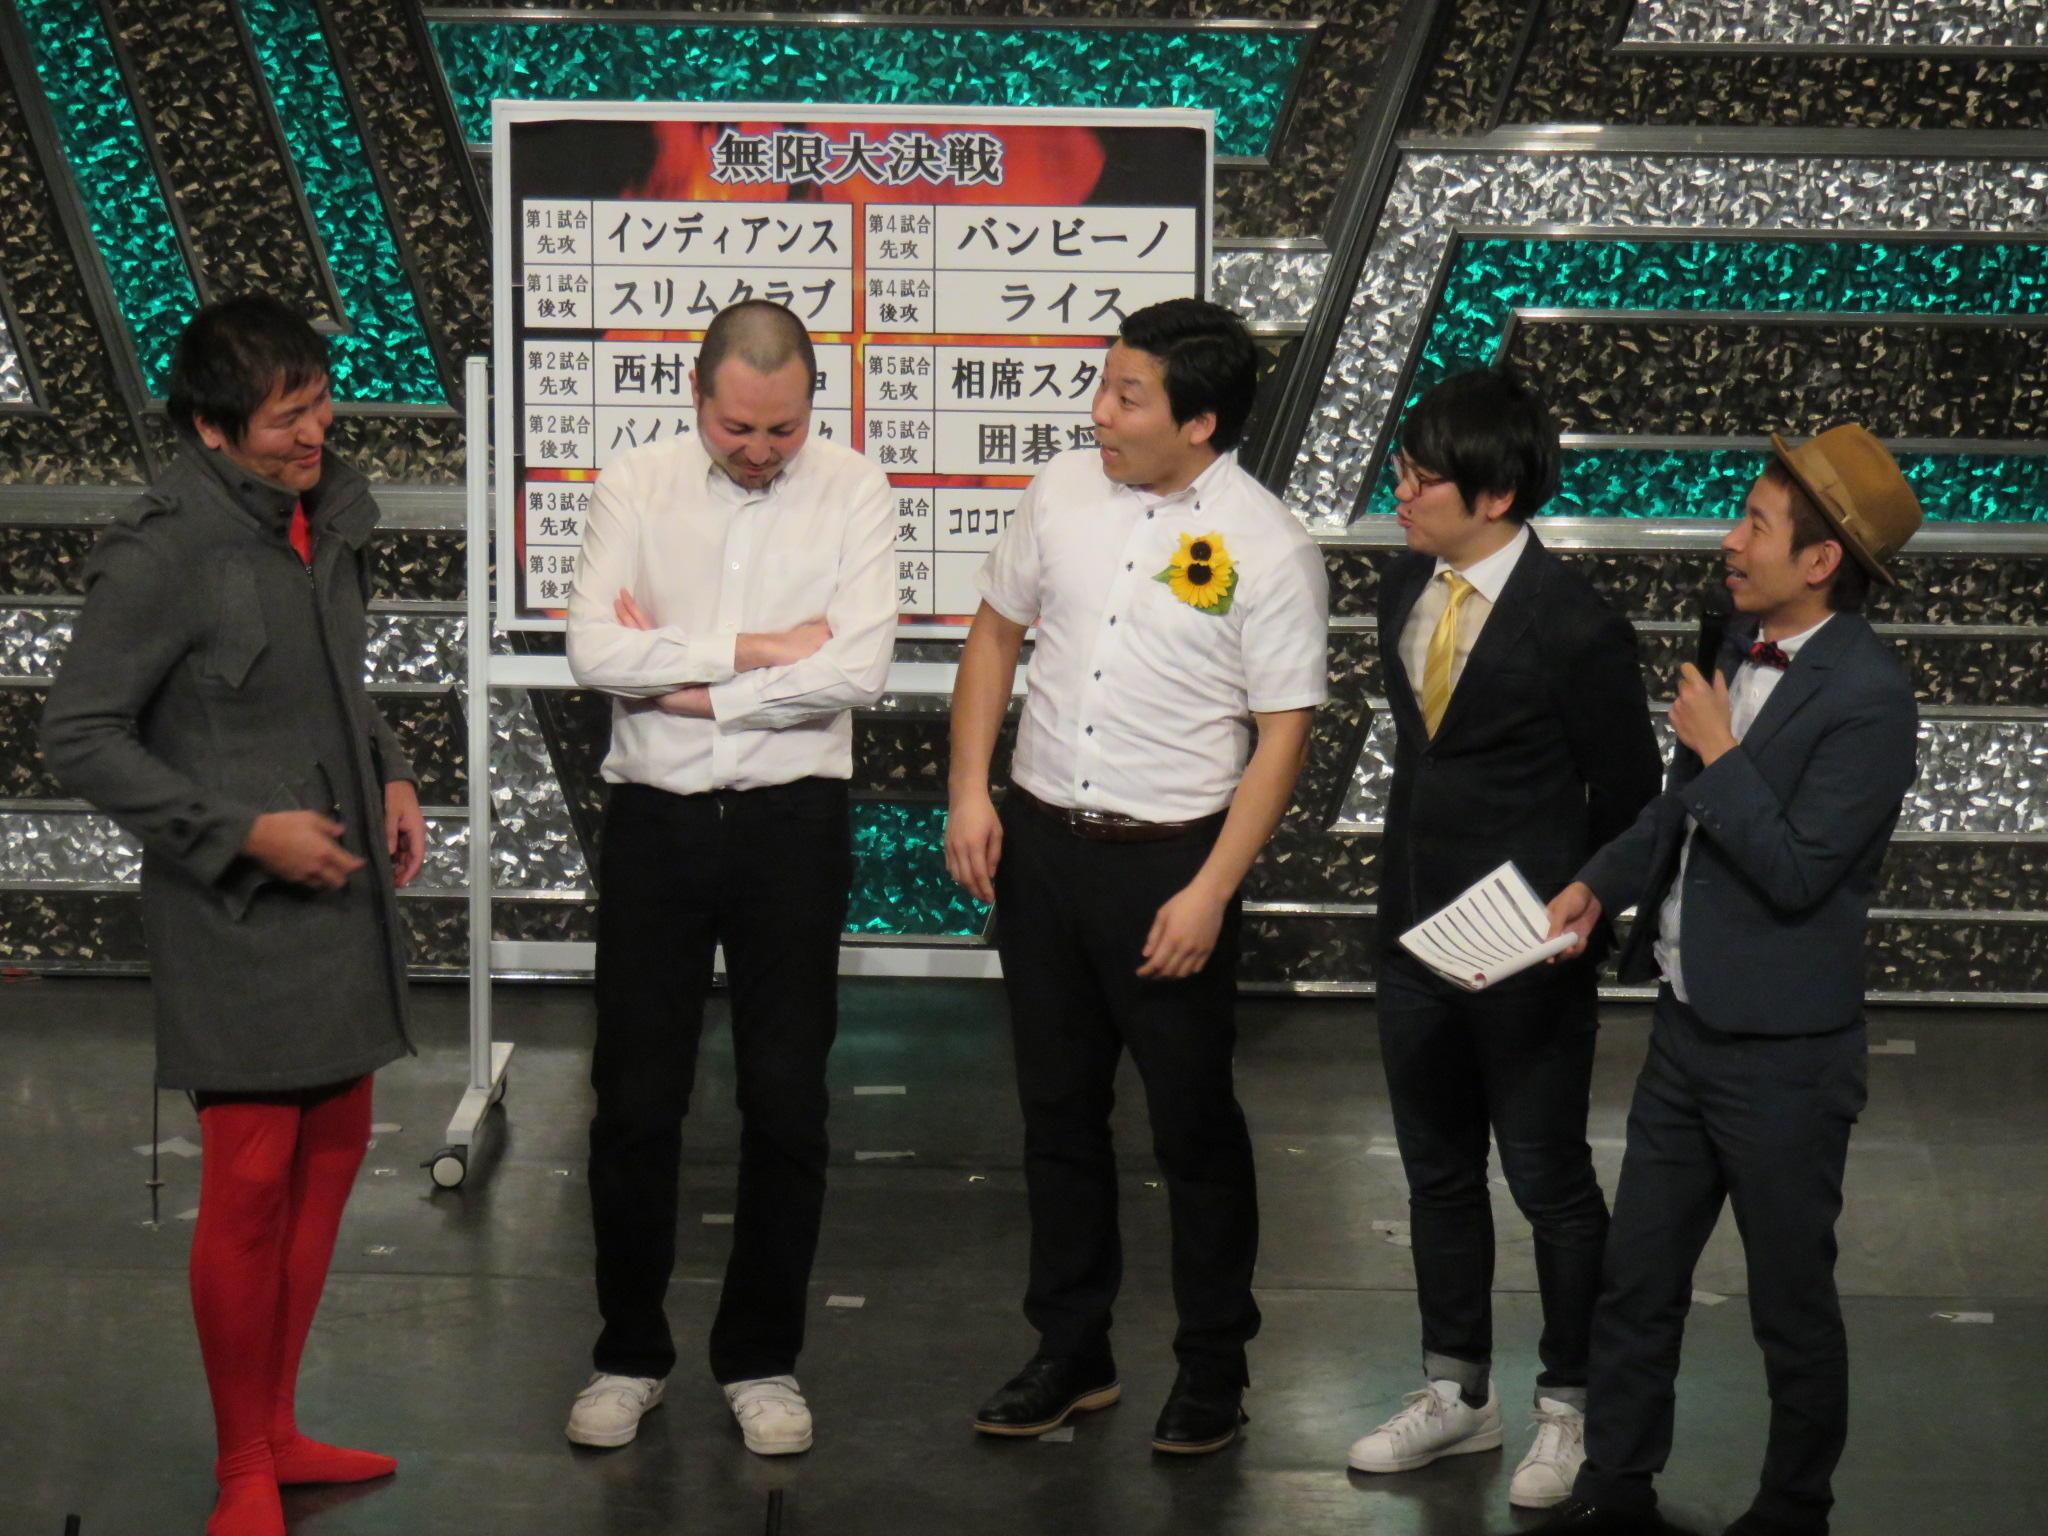 http://news.yoshimoto.co.jp/20161228212836-9becbf80750b31d6b54e4408055387e498a9a65d.jpg